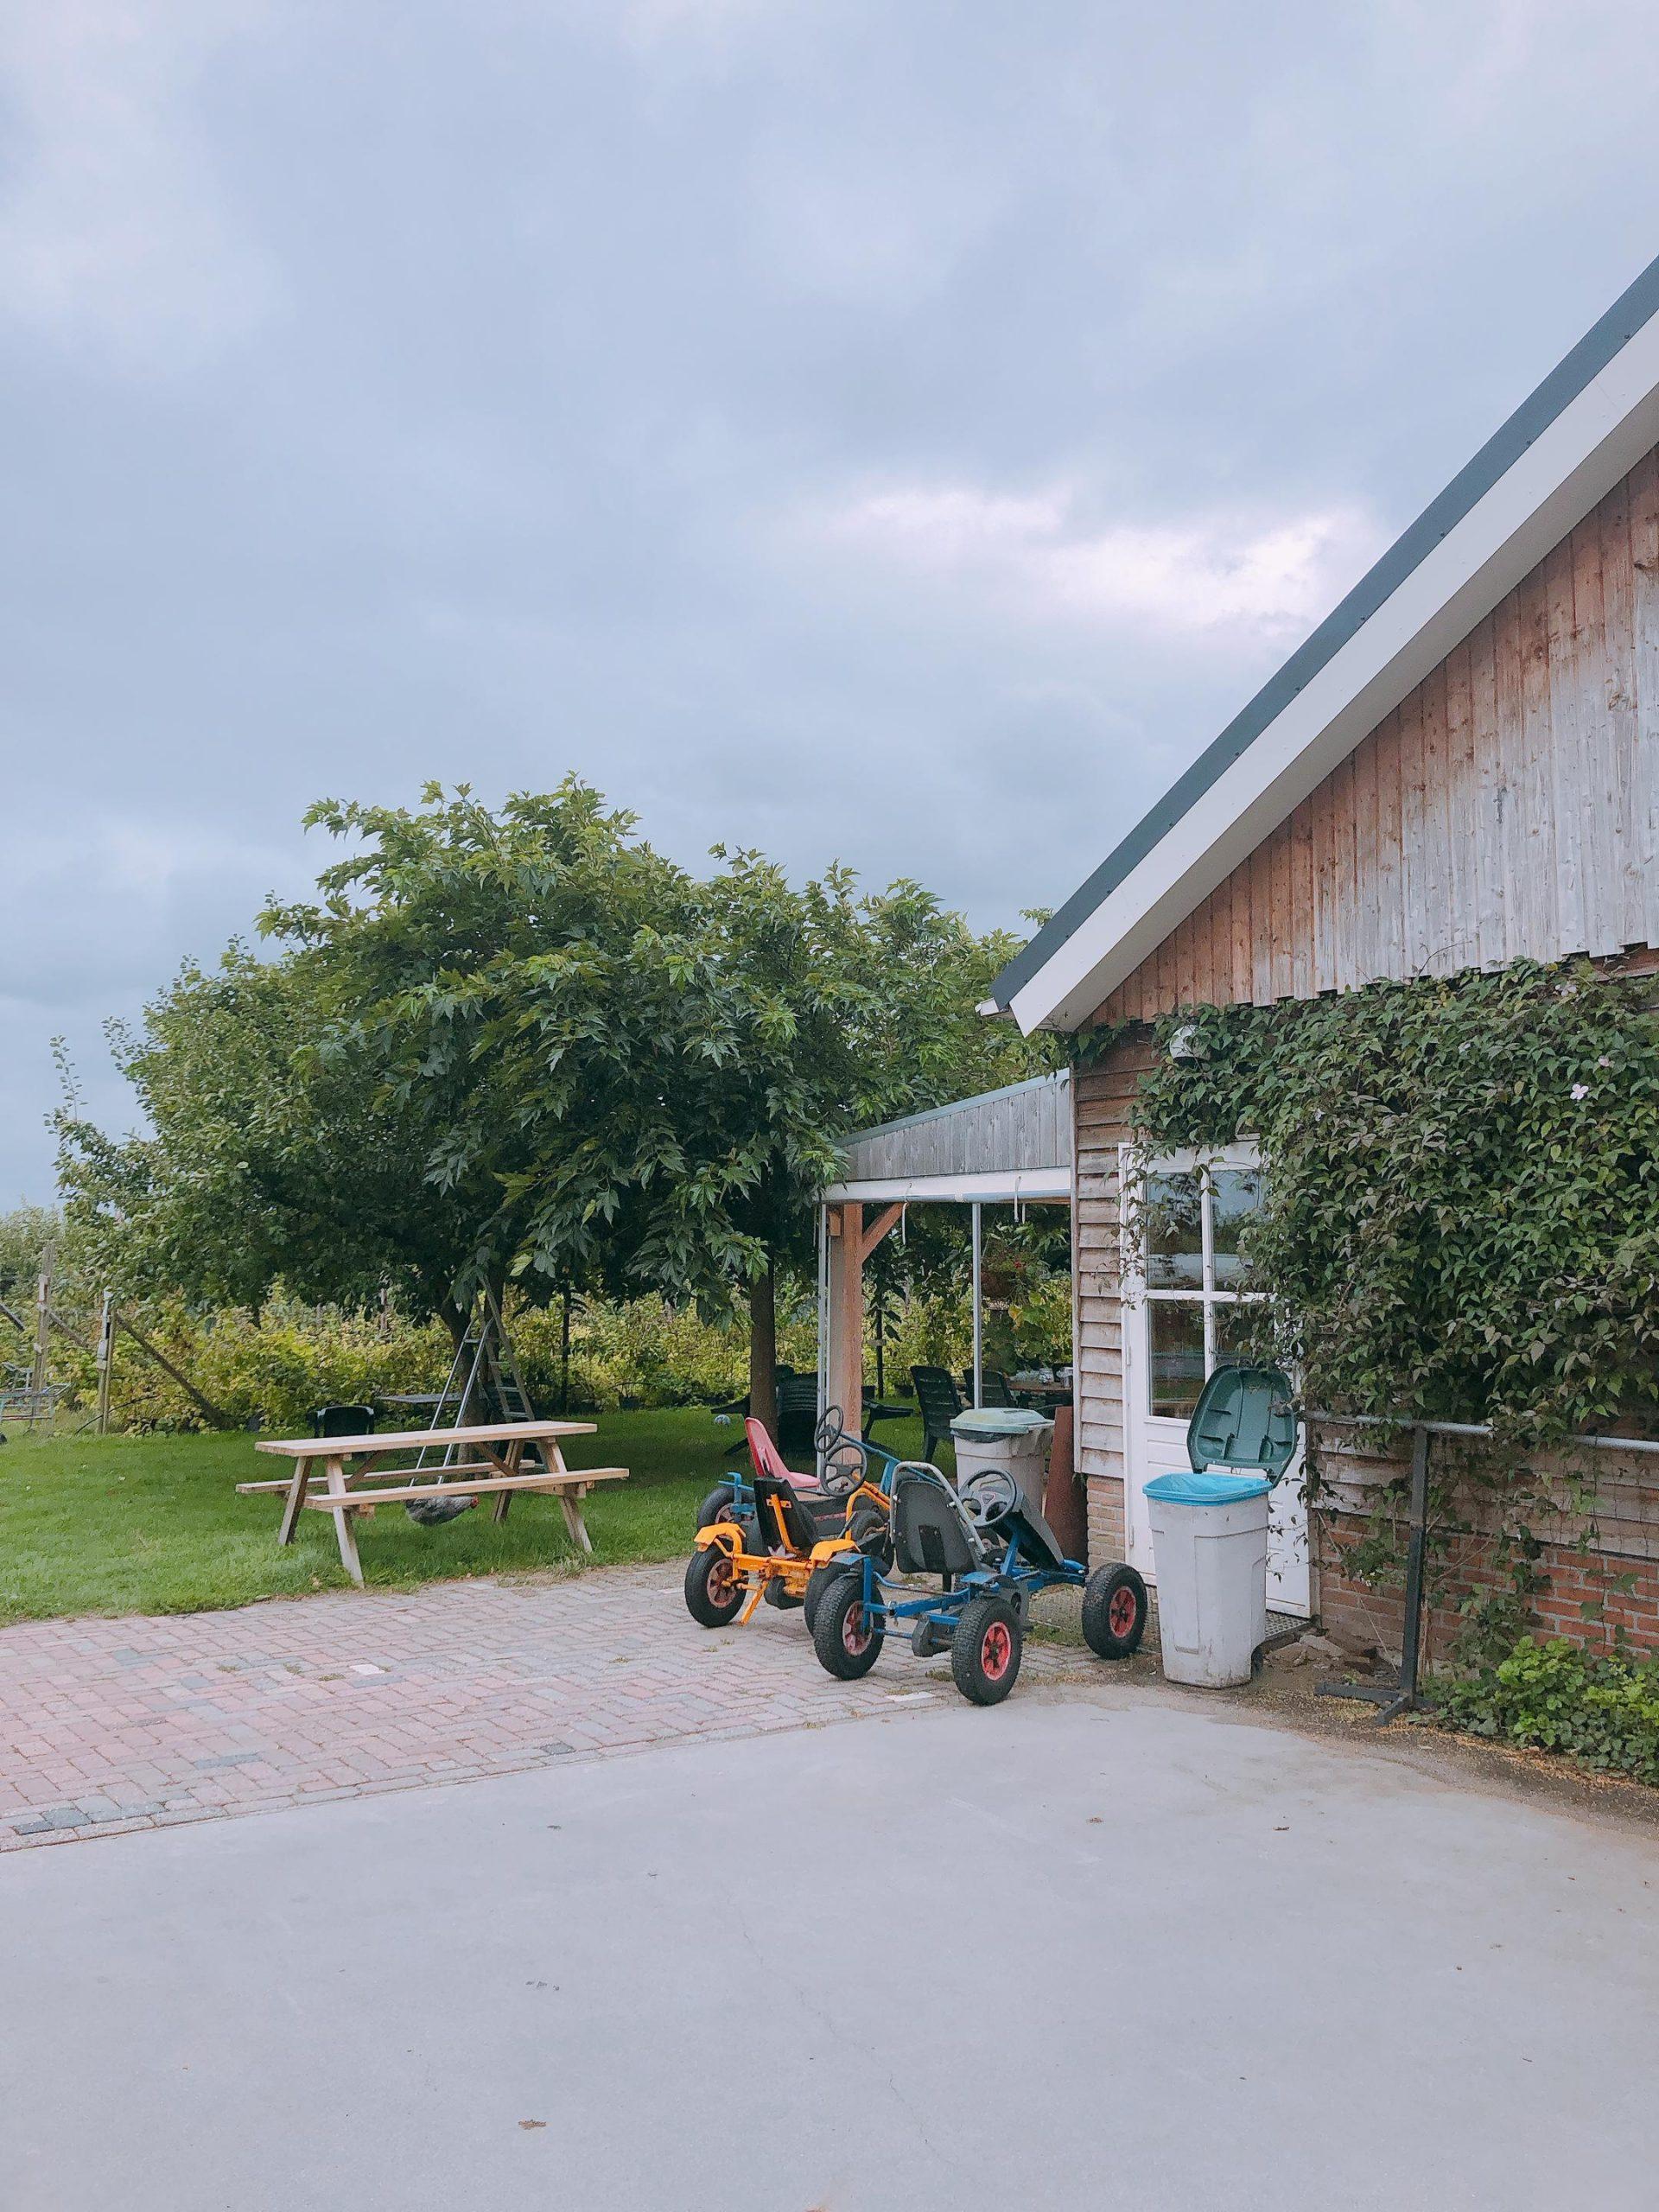 IMG 4118 2160x2880 1 scaled - PLOG - Met z'n viertjes naar de appelboomgaard en het Servero Food Lab!